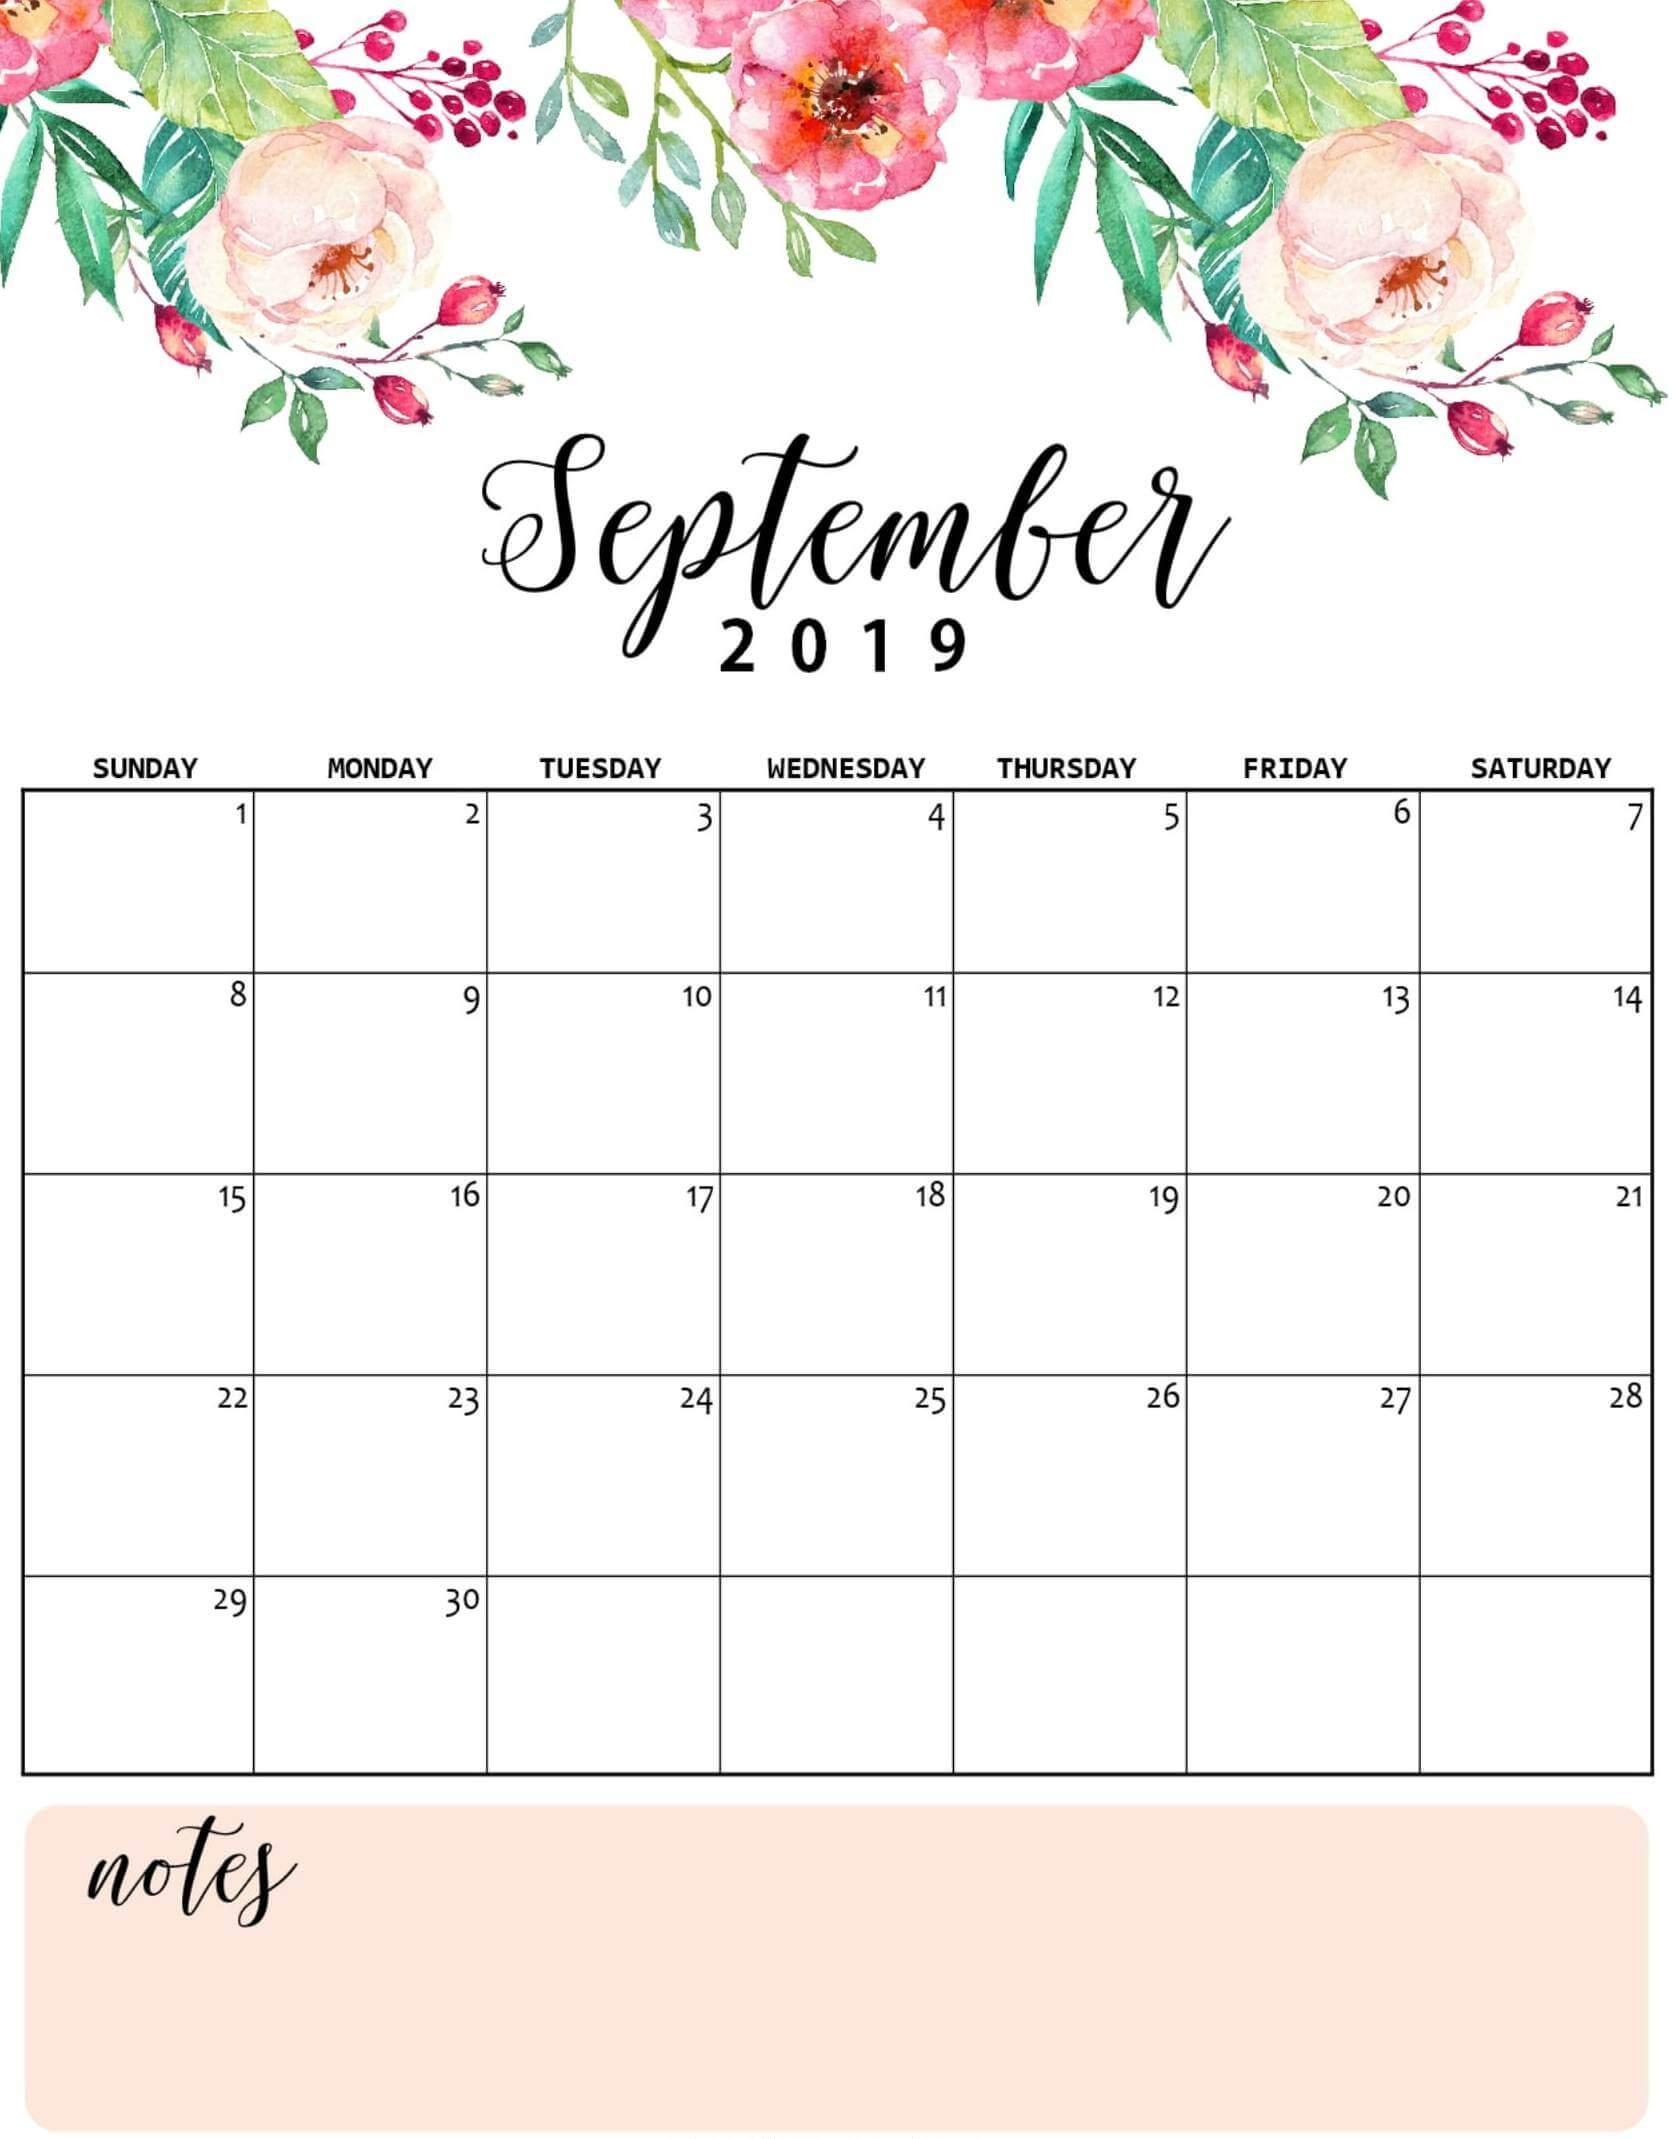 September 2019 Wall Calendar